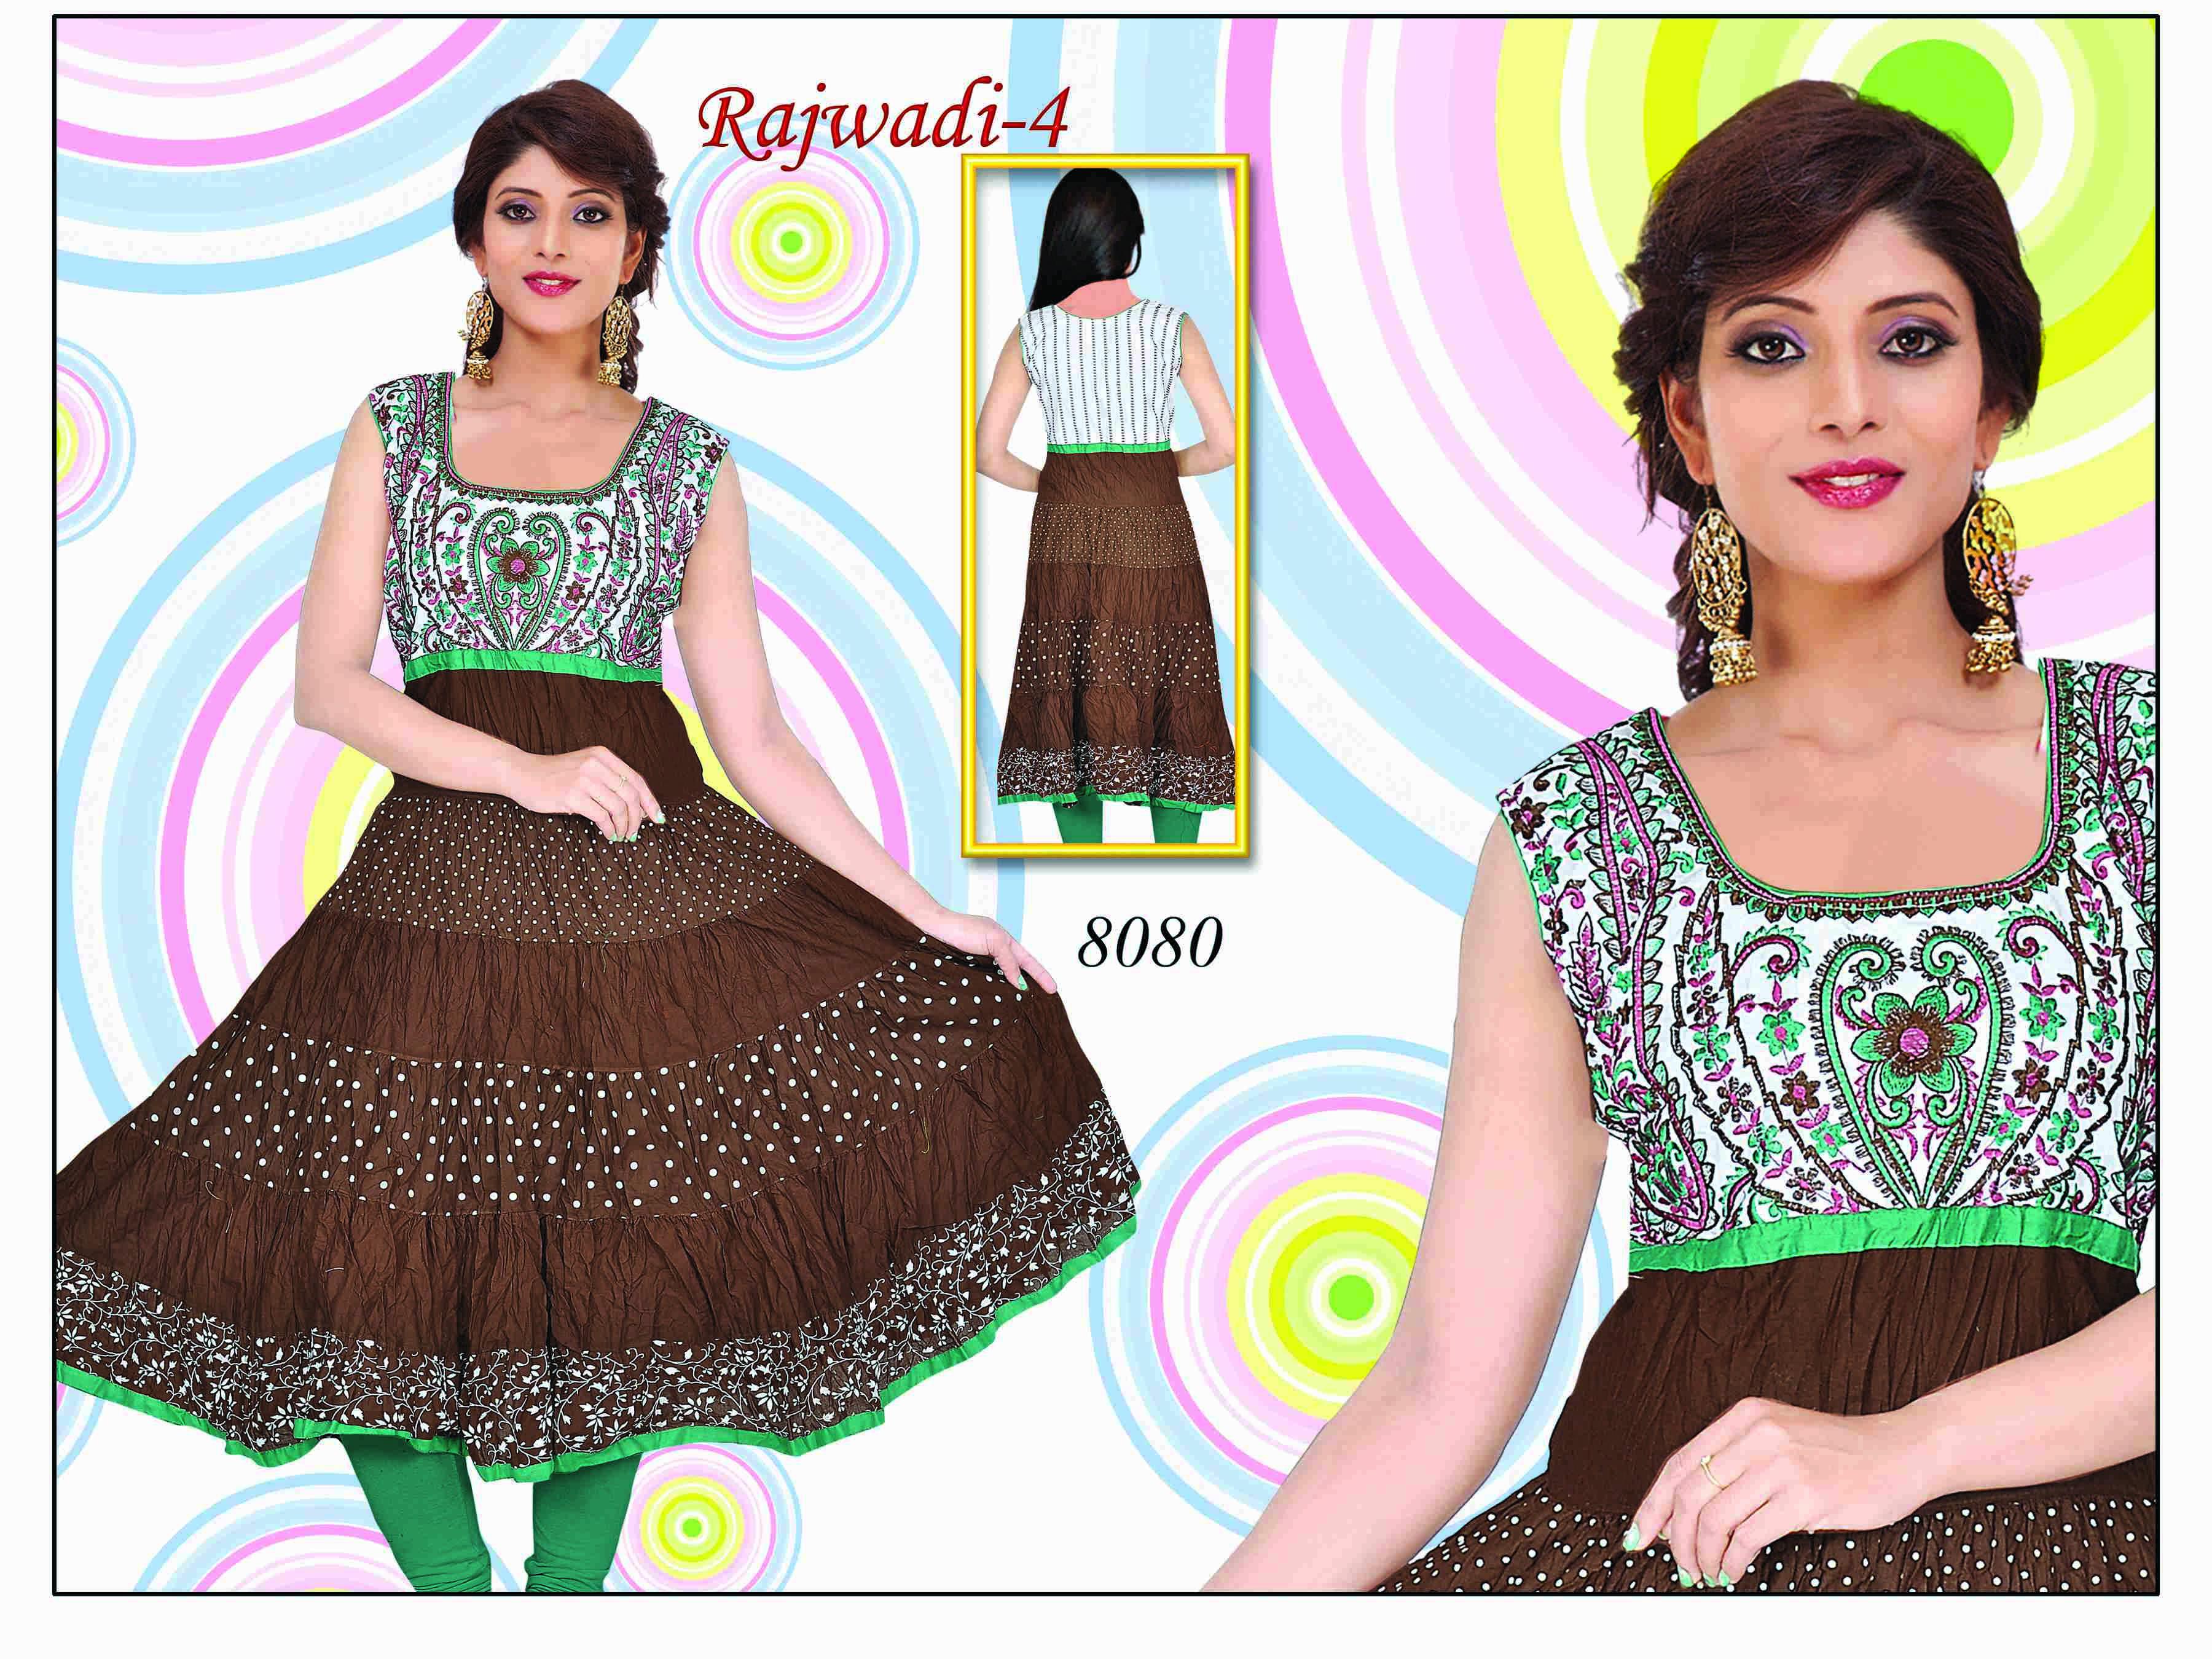 Biznet Ethnic Fashion Hub Description Name Rajwadi